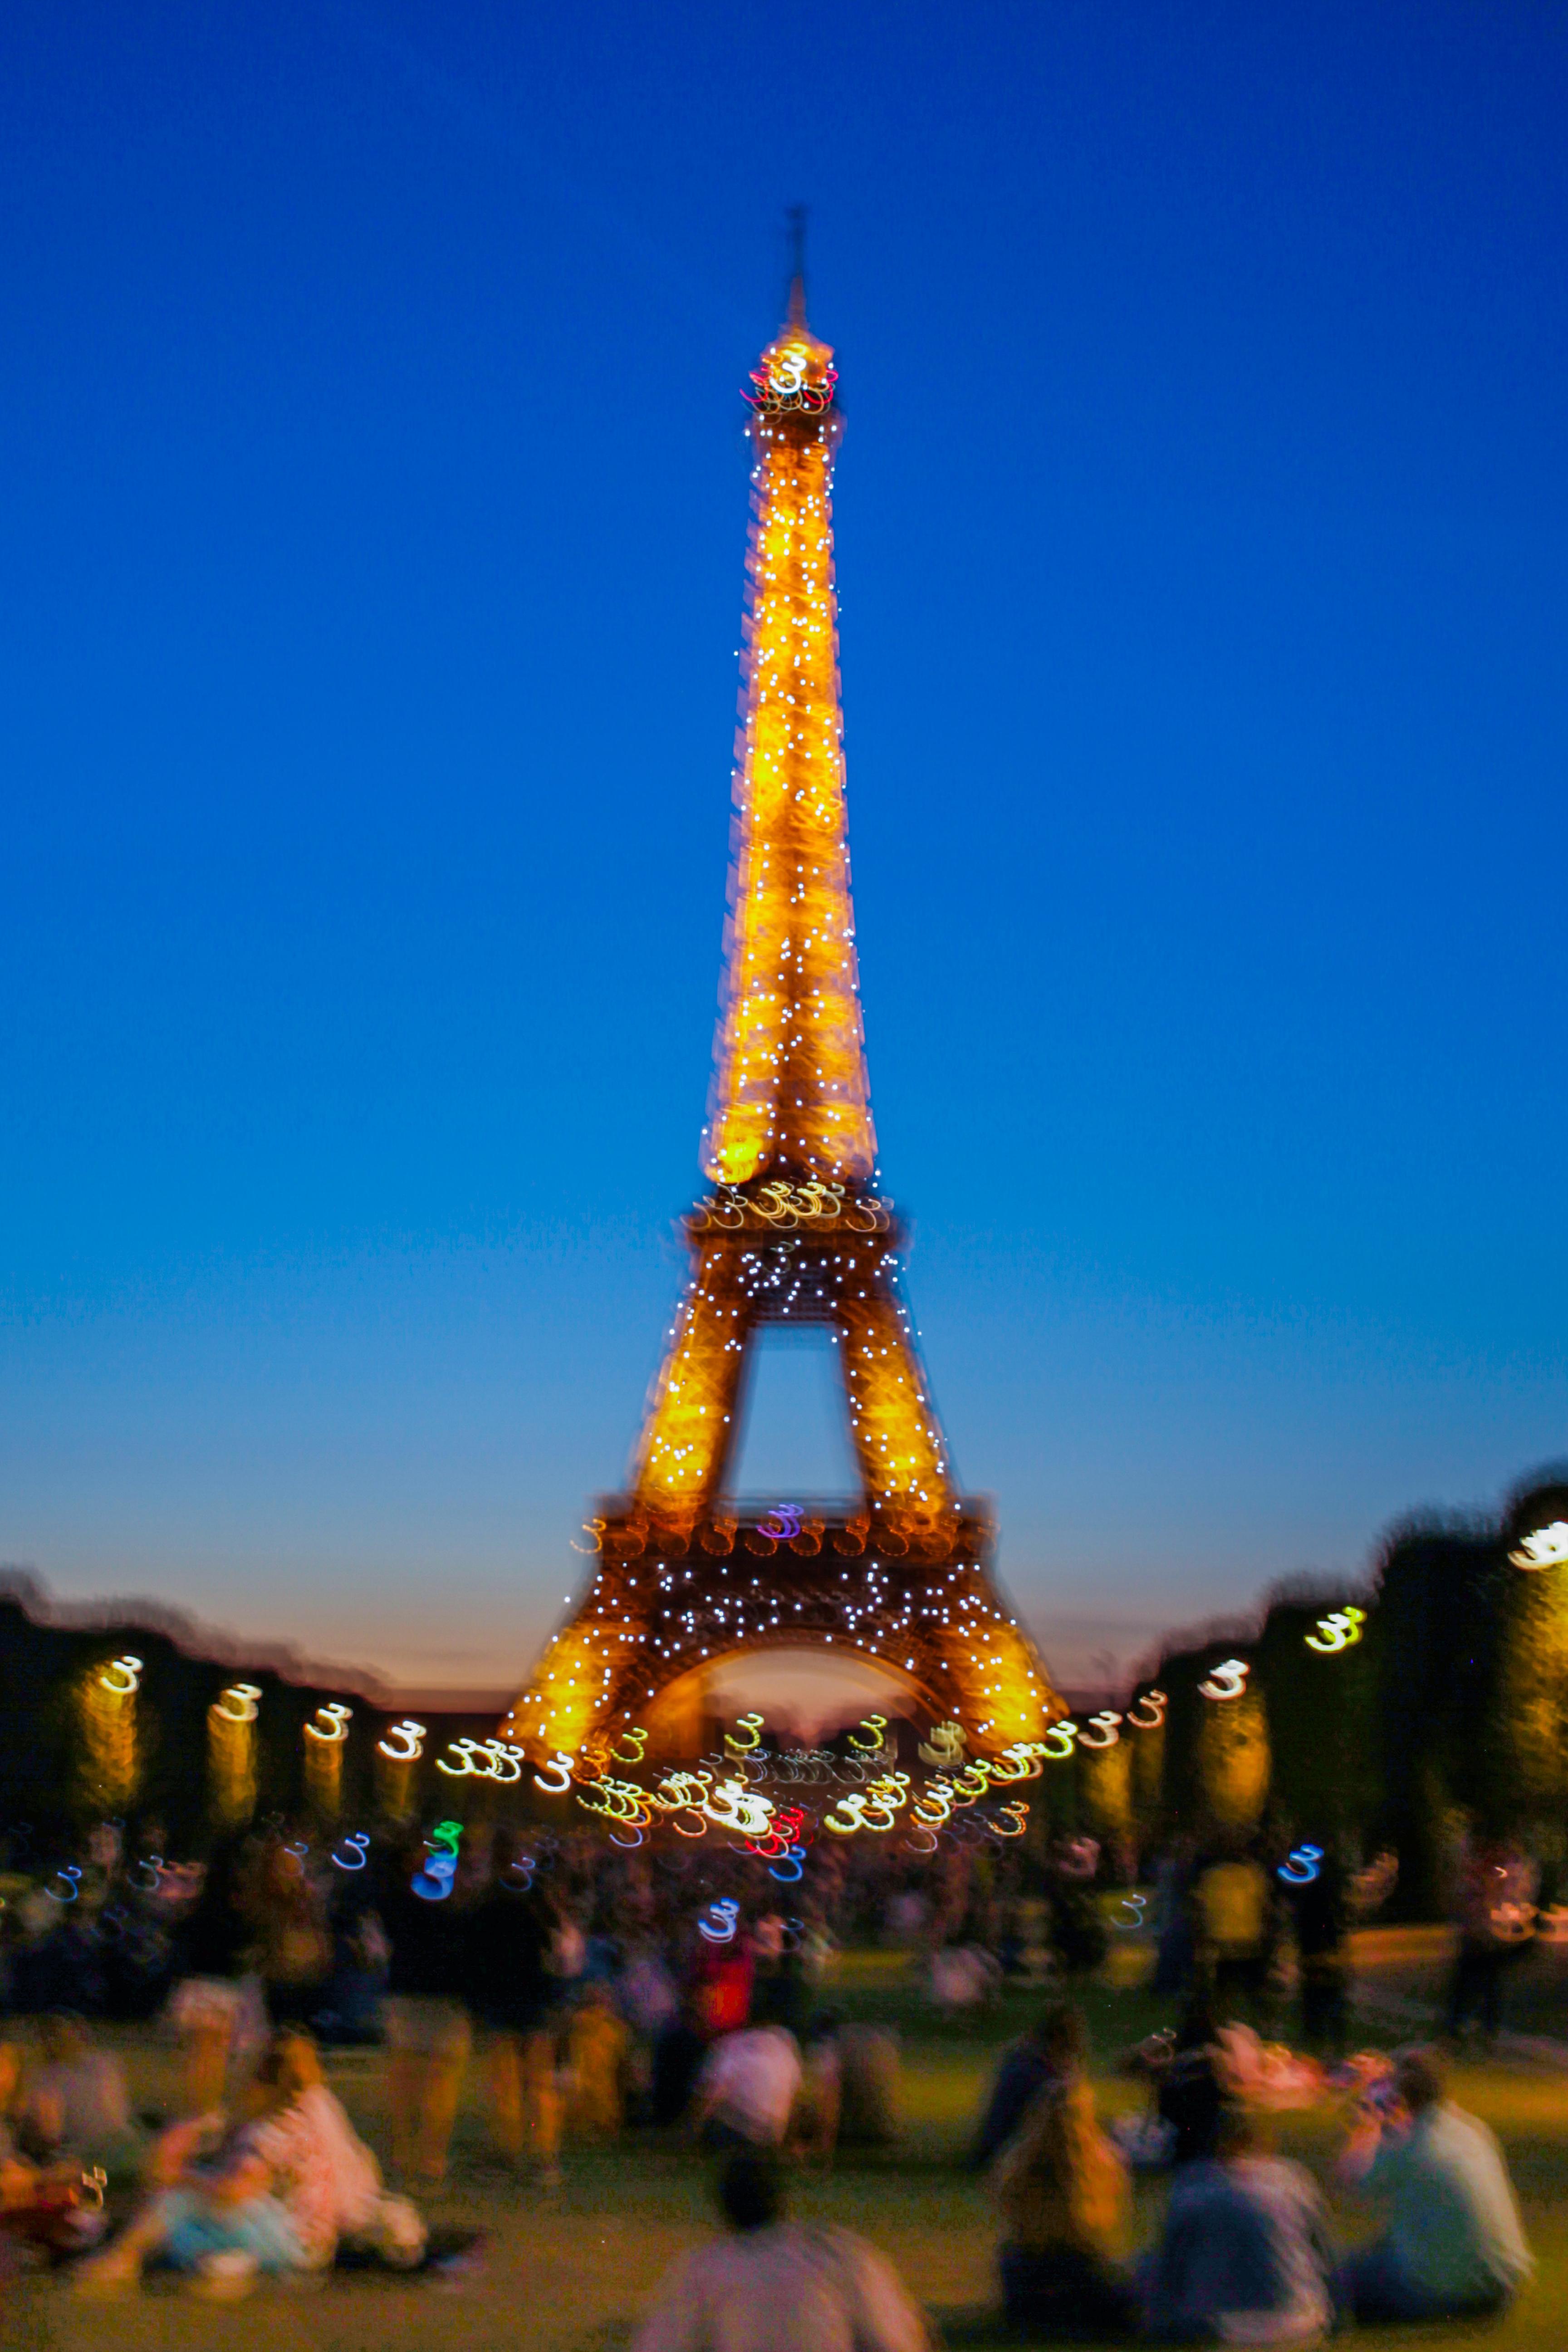 Bildet Eiffeltarnet Paris Frankrike Skumring Solnedgang Arkitektur Landemerke Tarn Himmel Byomrade Turistattraksjon Natt Metropolis Kveld Bybildet Belysning Dagtid By Tre Spir Turisme 3456x5184 Rob Smith 1453633 Bilder